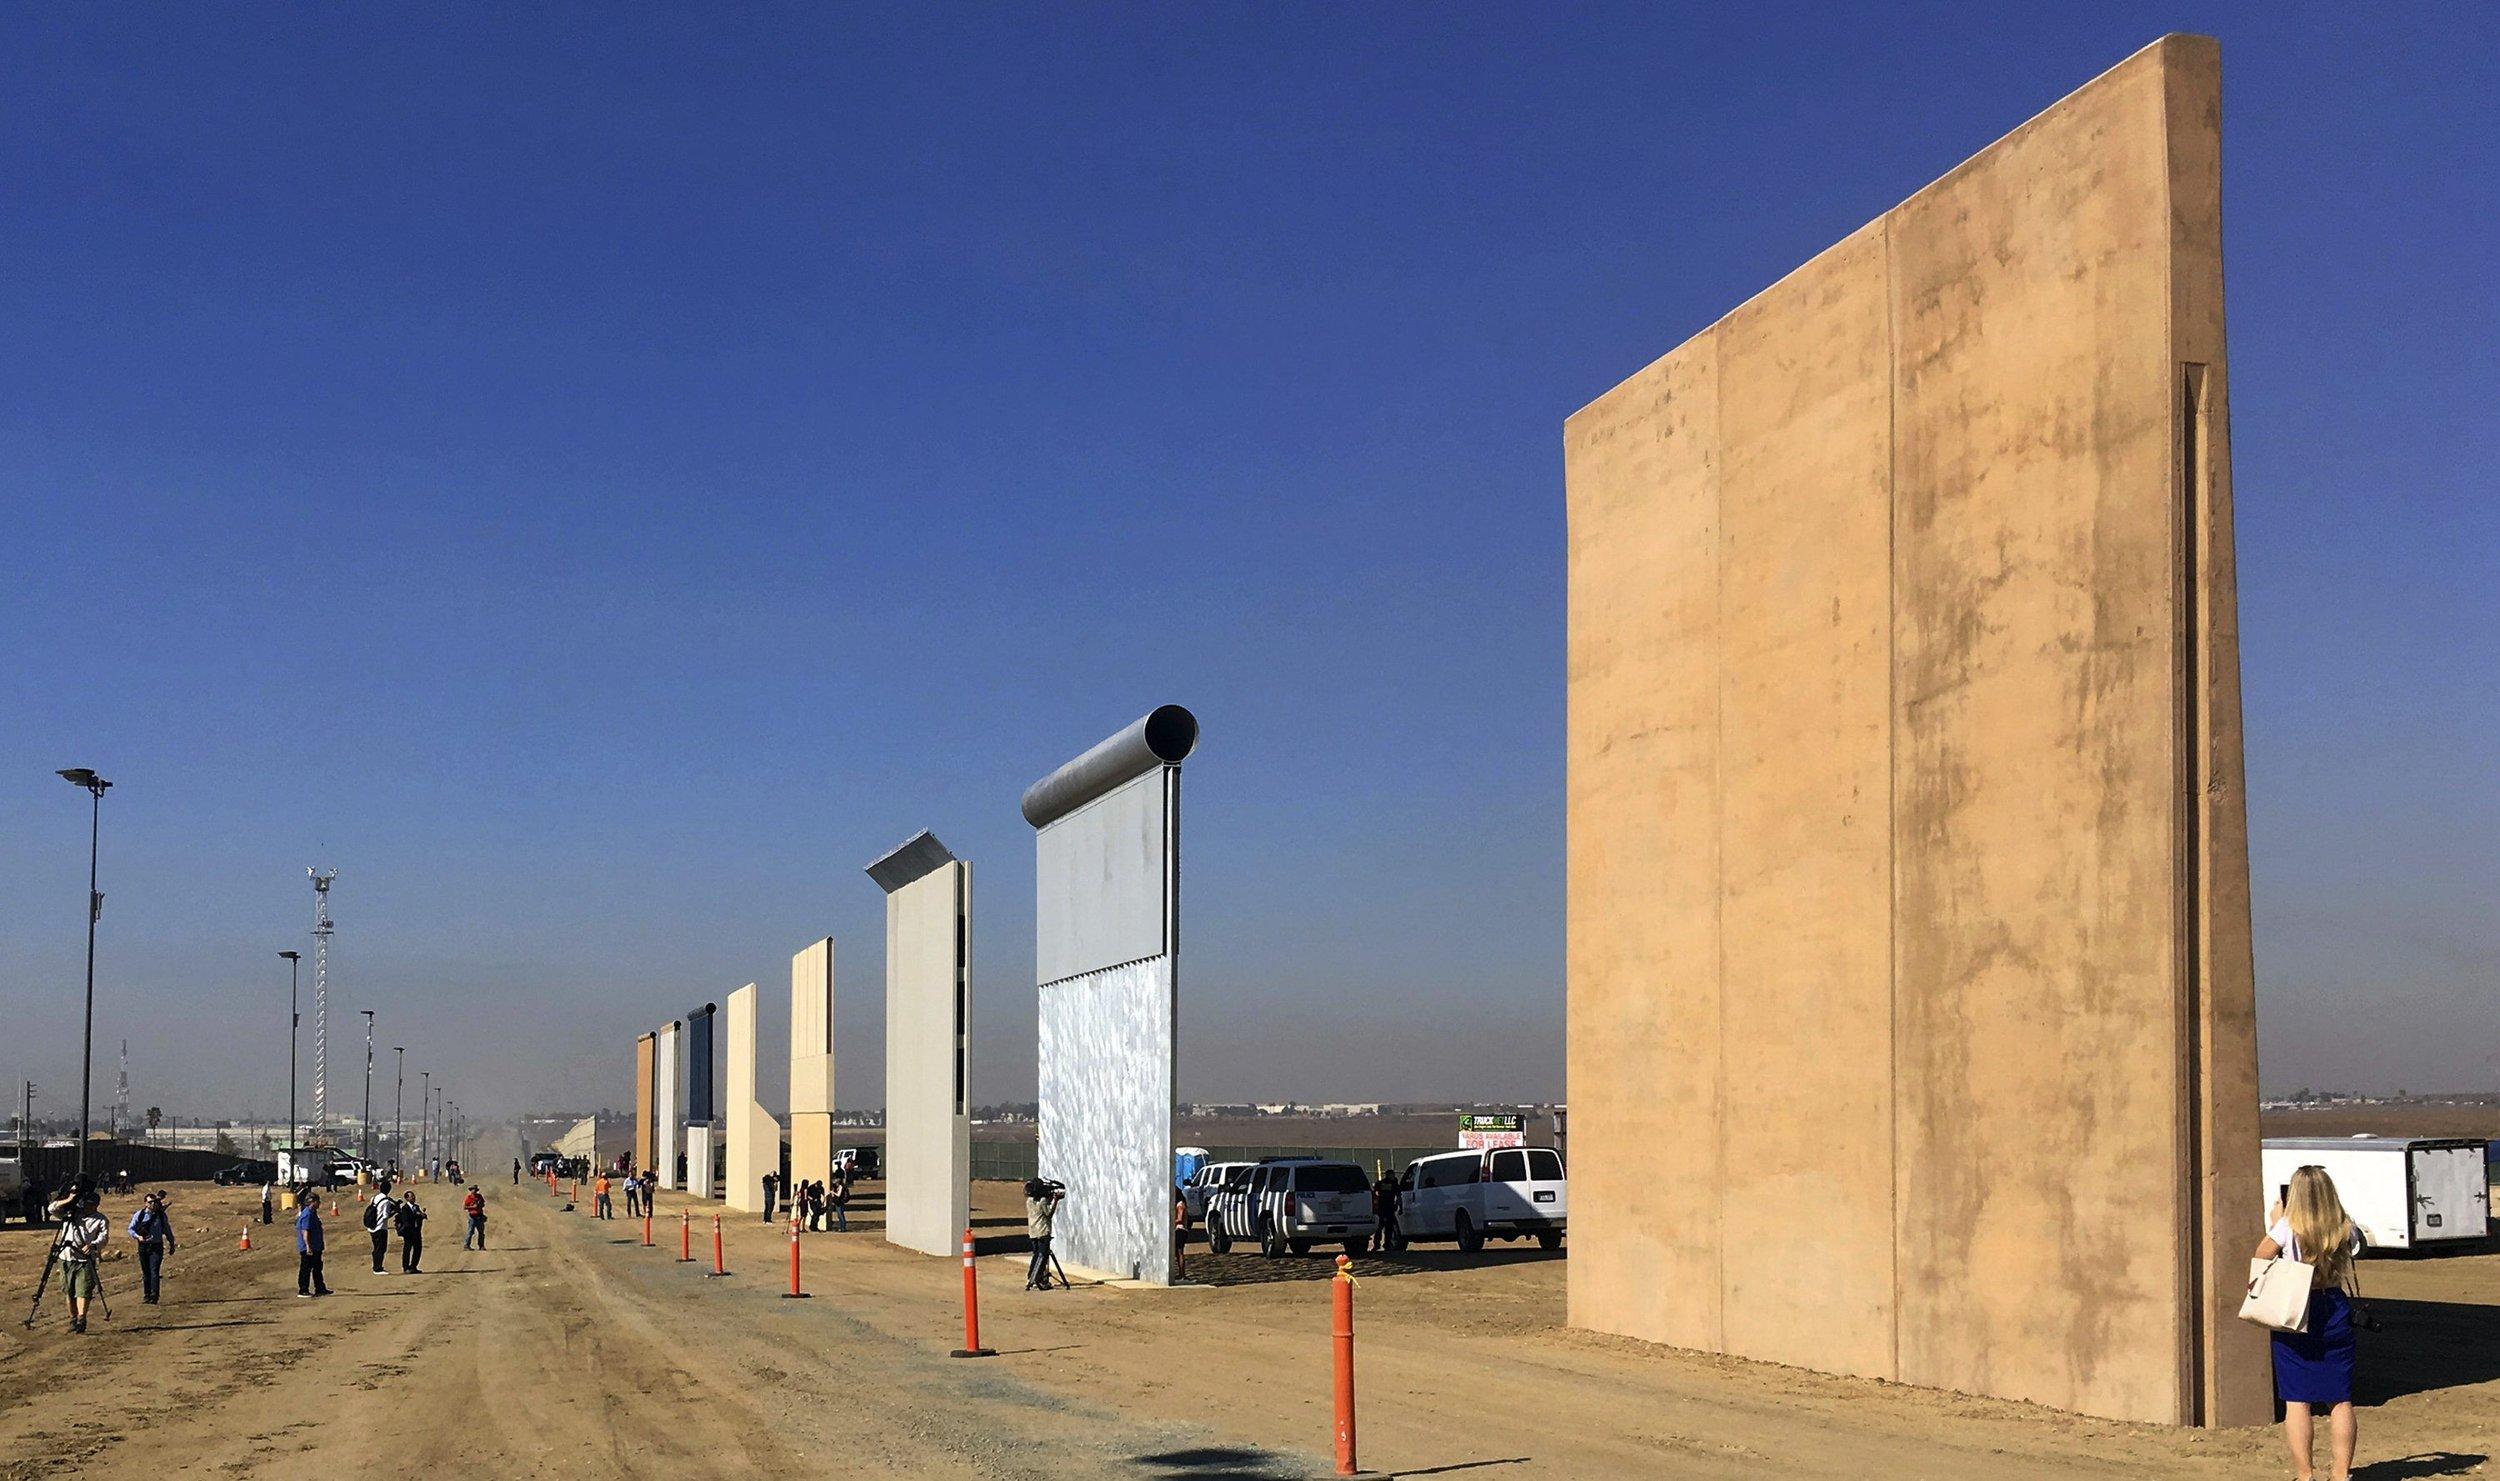 mexico-border-wall-e1515277767133.jpg